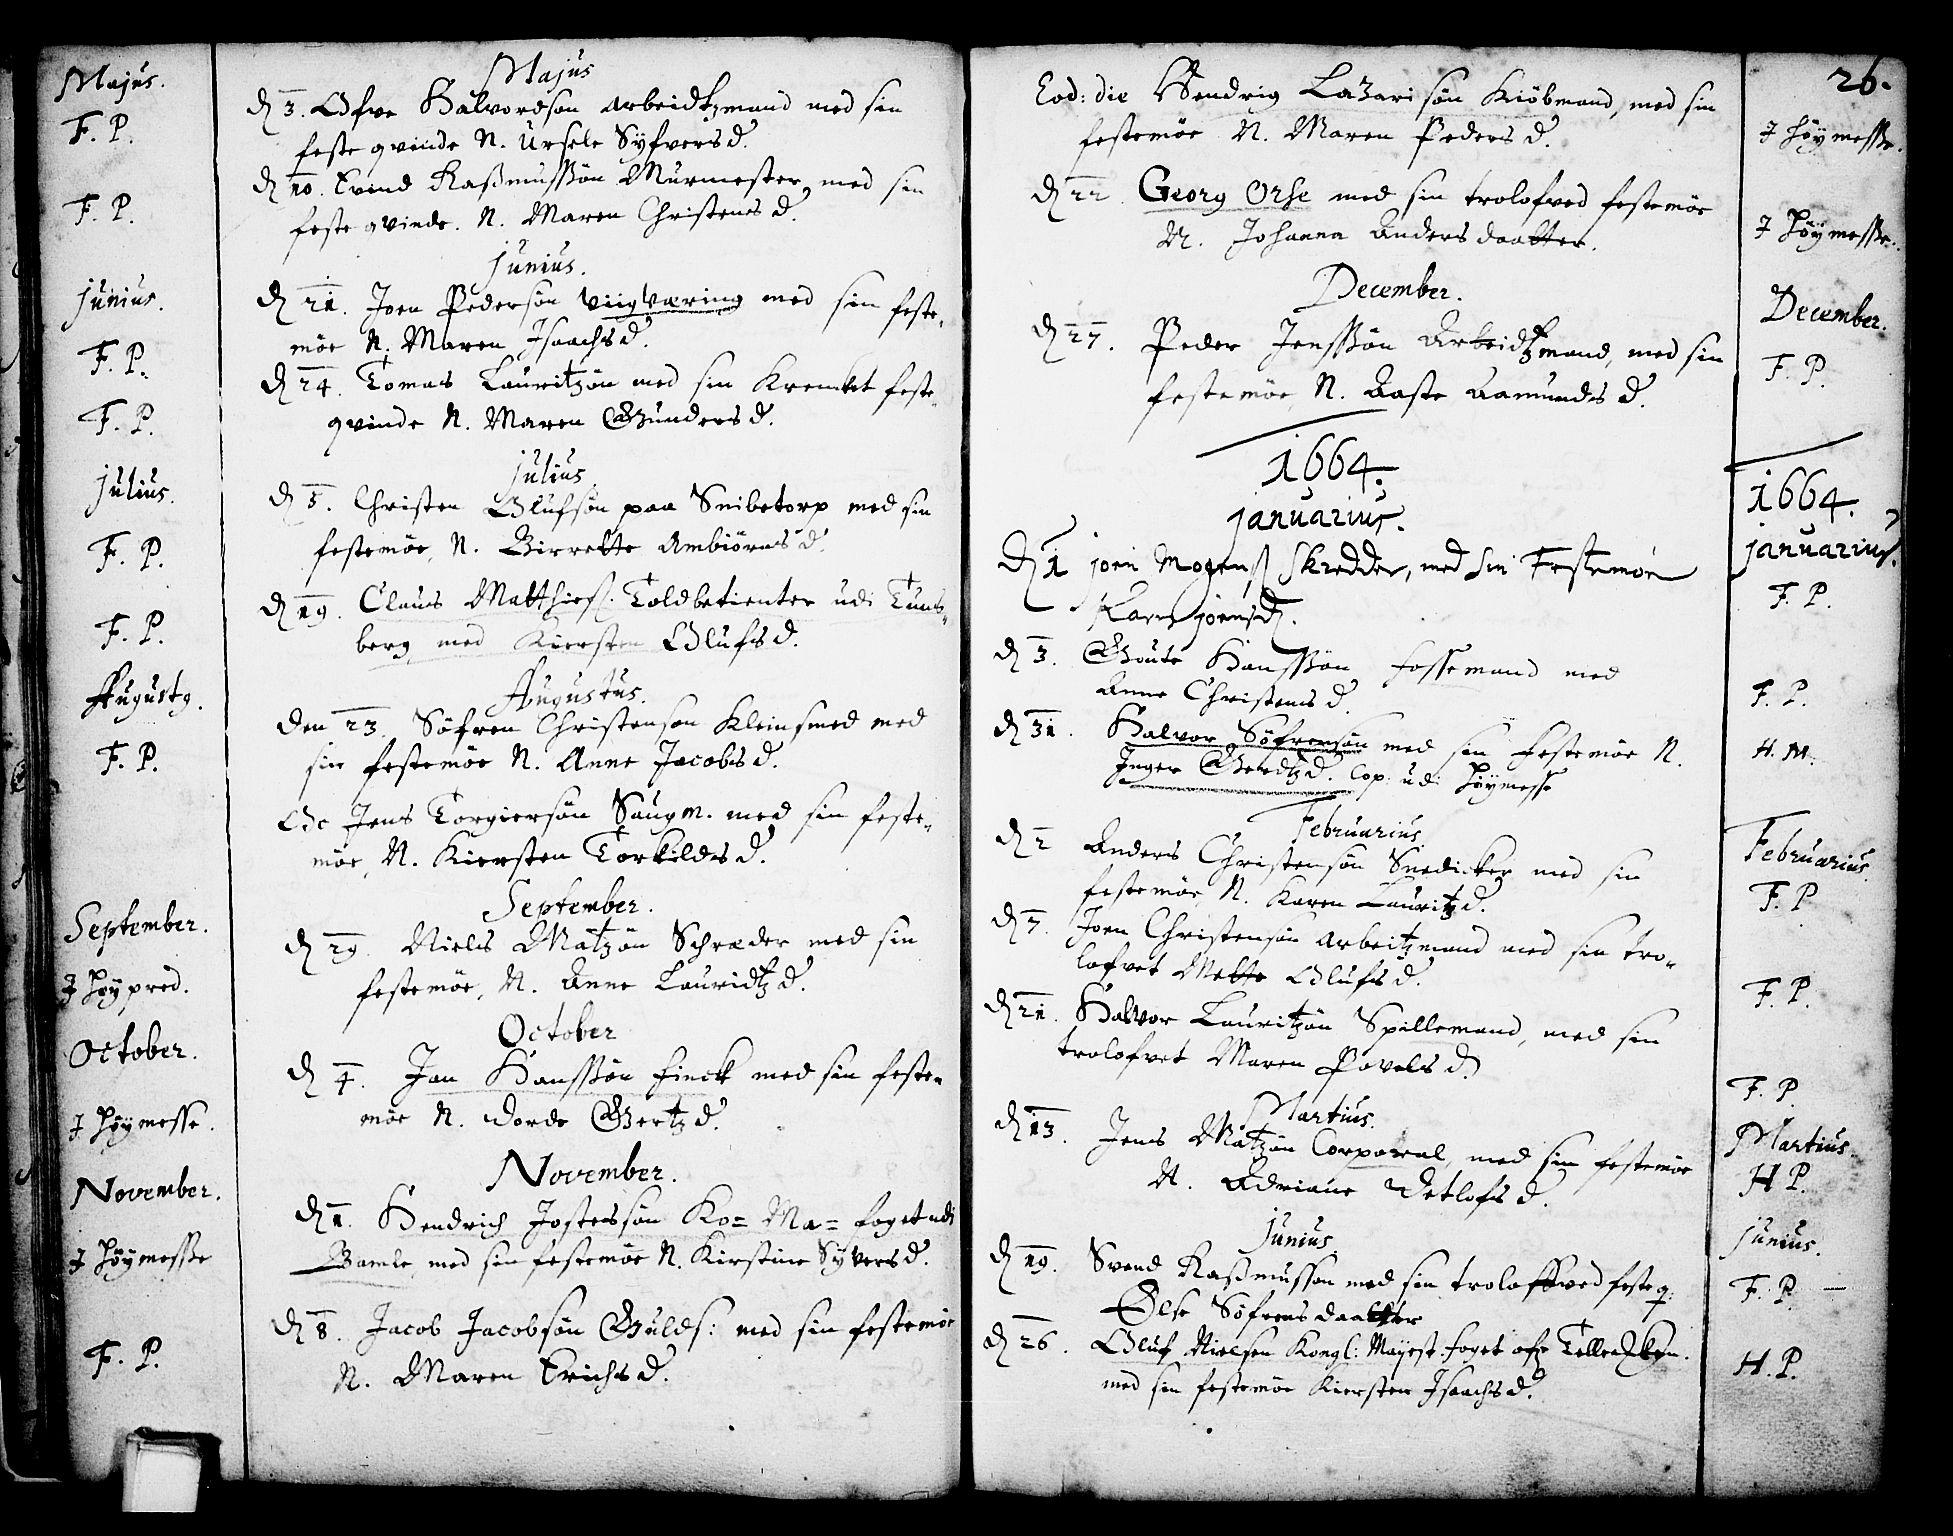 SAKO, Skien kirkebøker, F/Fa/L0001: Ministerialbok nr. 1, 1659-1679, s. 26